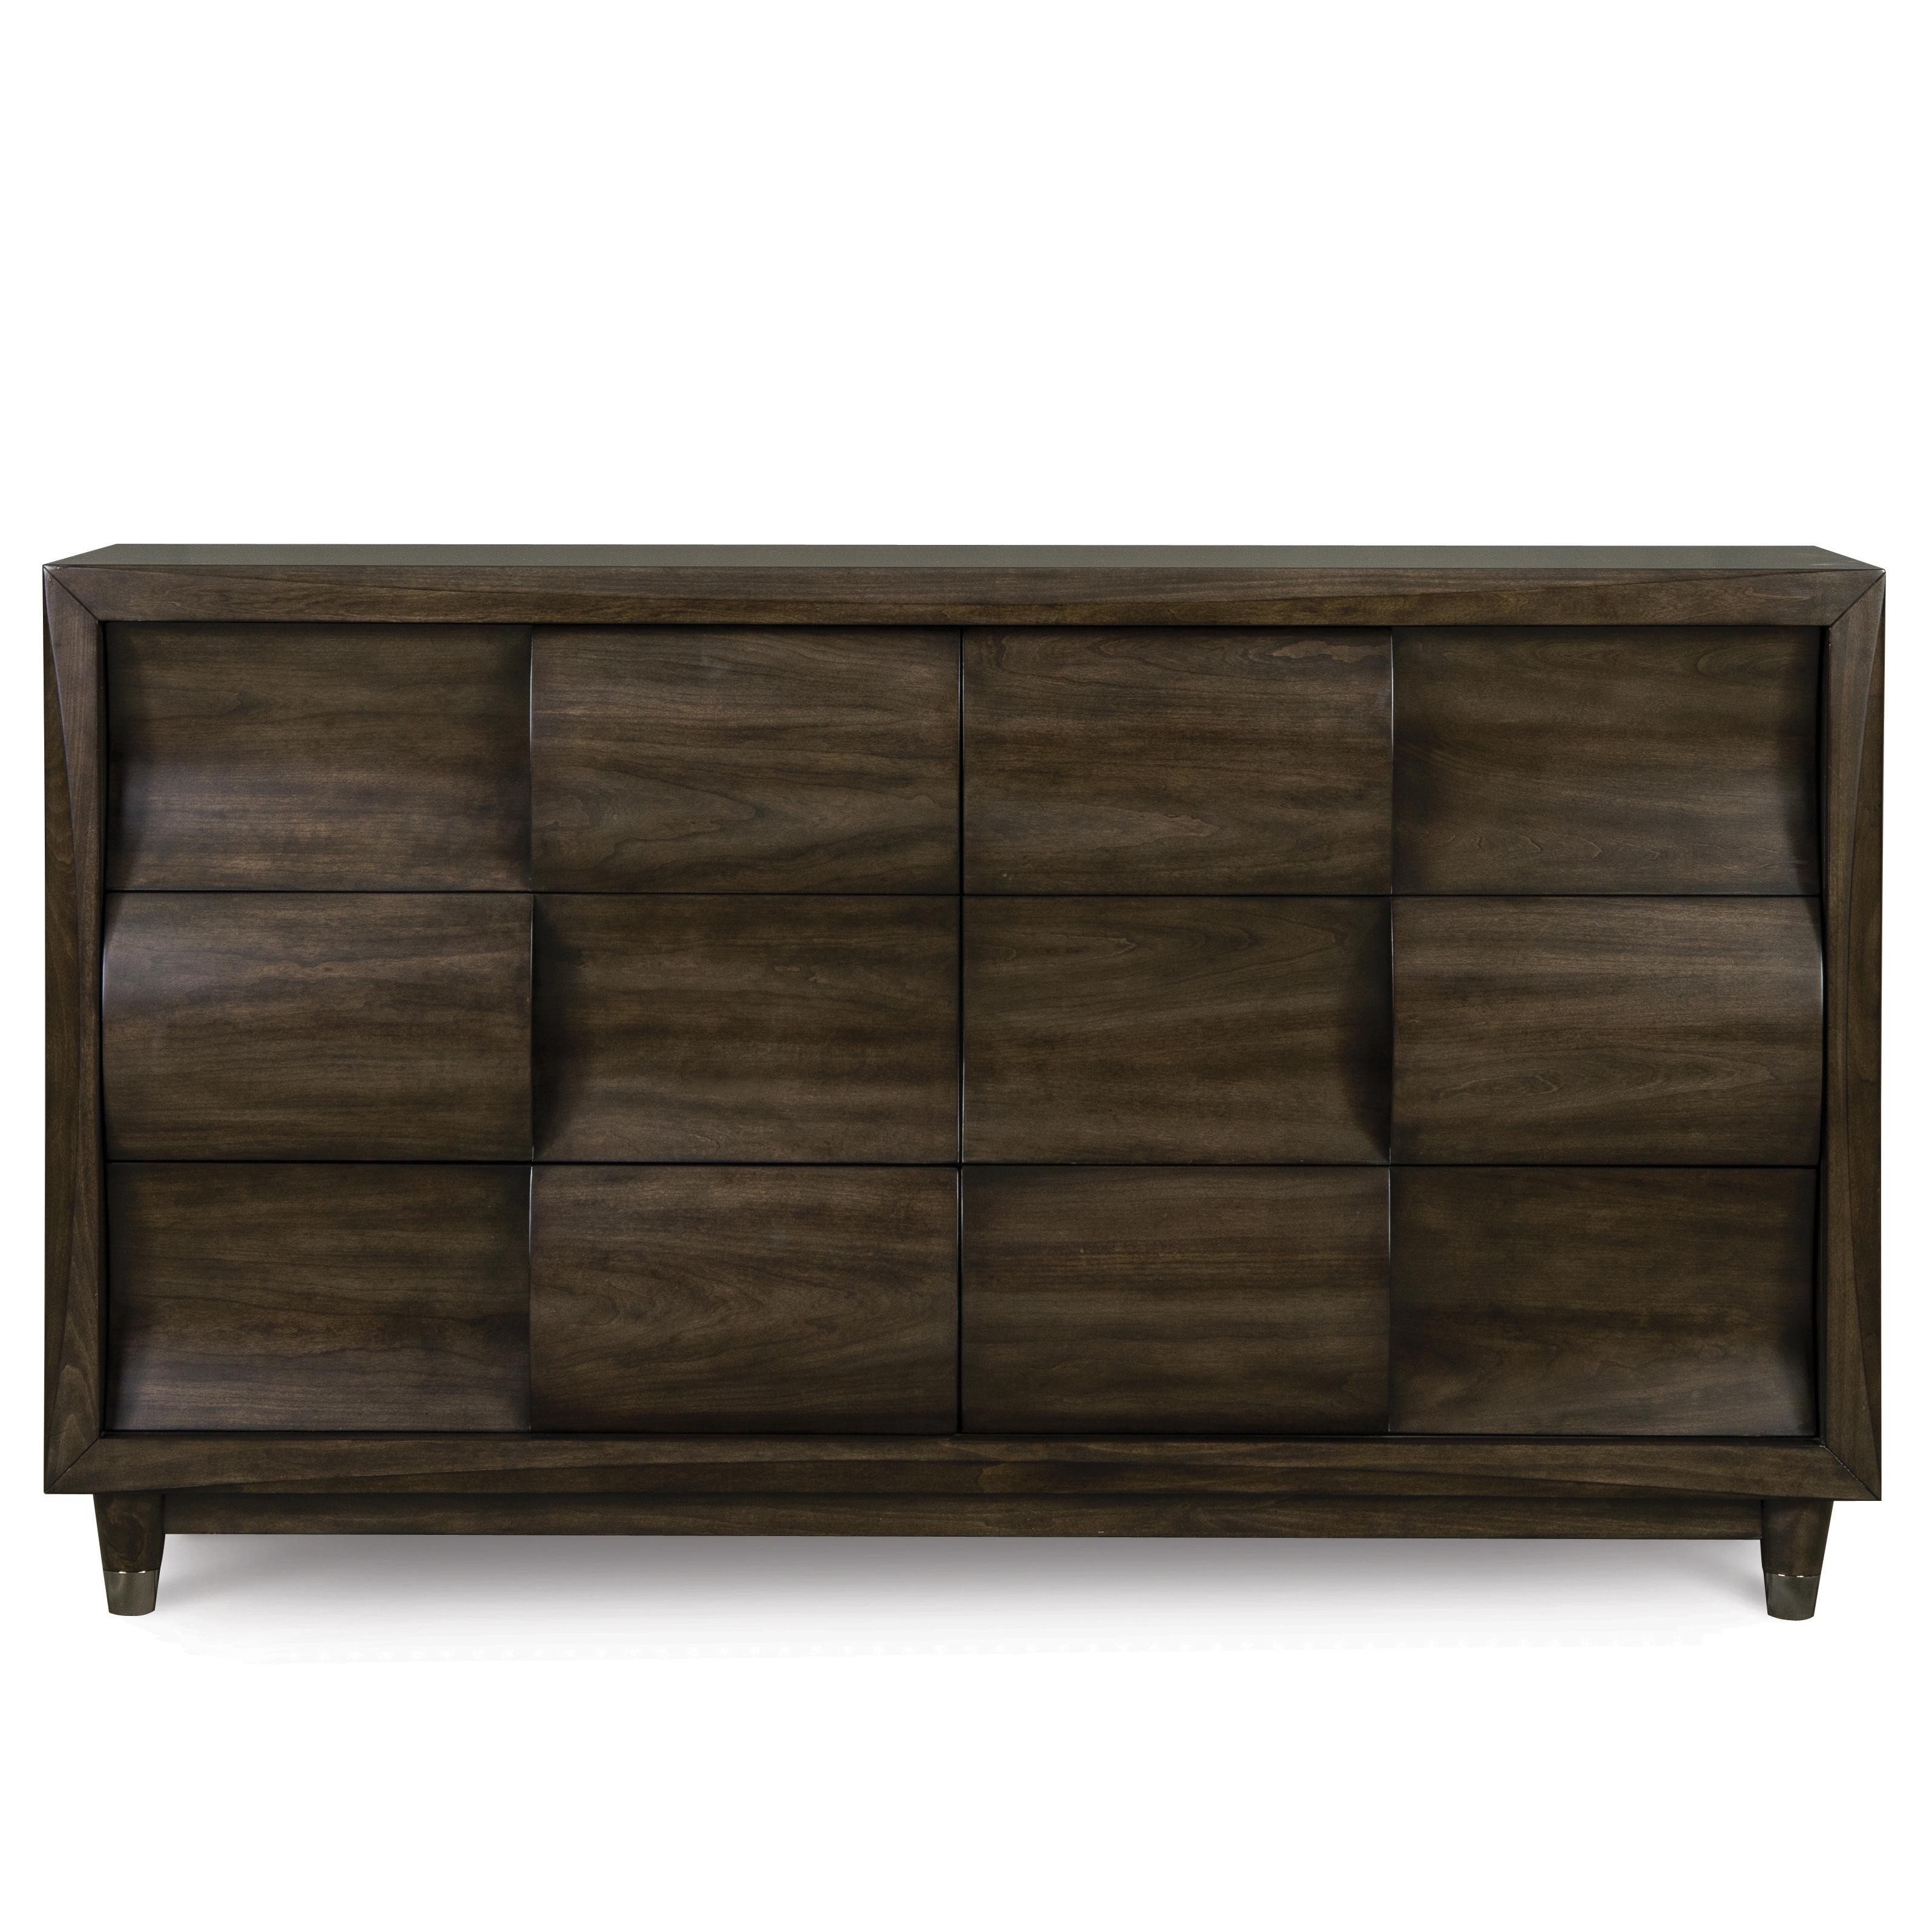 Magnussen Home Noma Drawer Dresser - Item Number: B2640-20